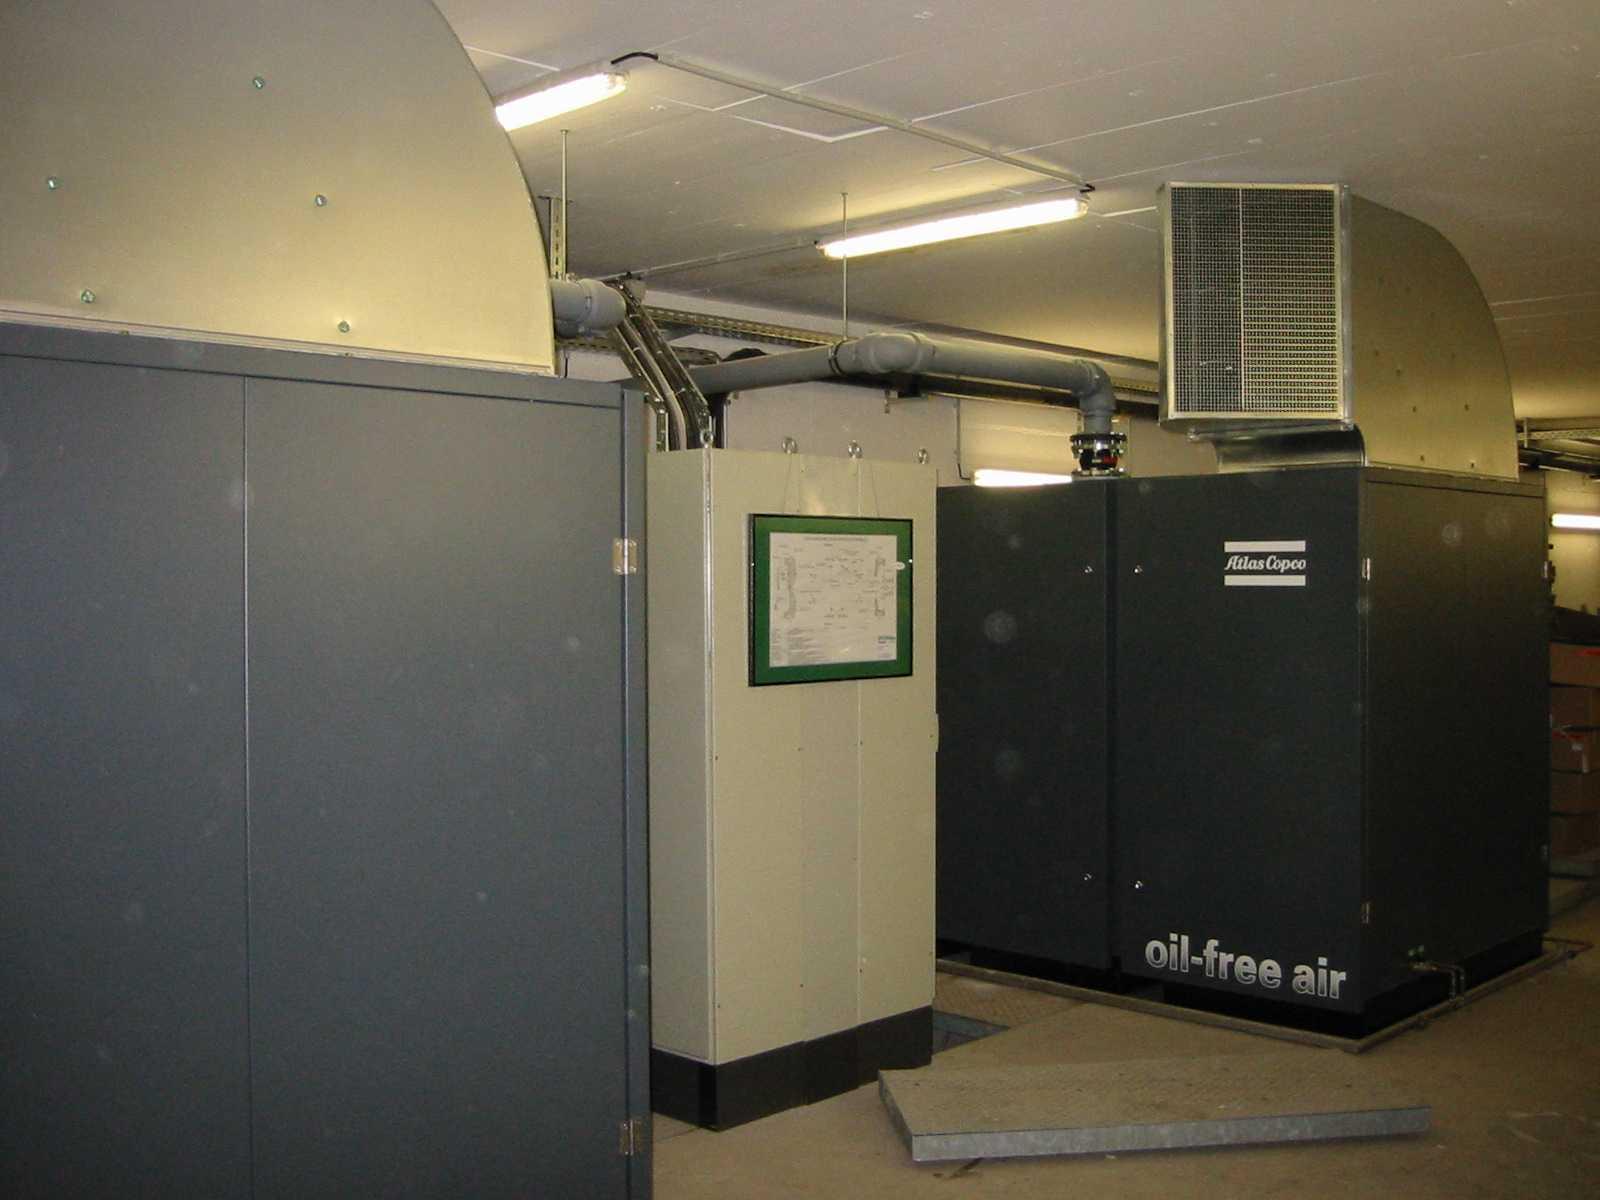 Kompressoren – Druckluftaufbereitungssysteme – SERVICE. AGO Hydroair bietet verschiedene Kompressoren und Druckluftaufbe